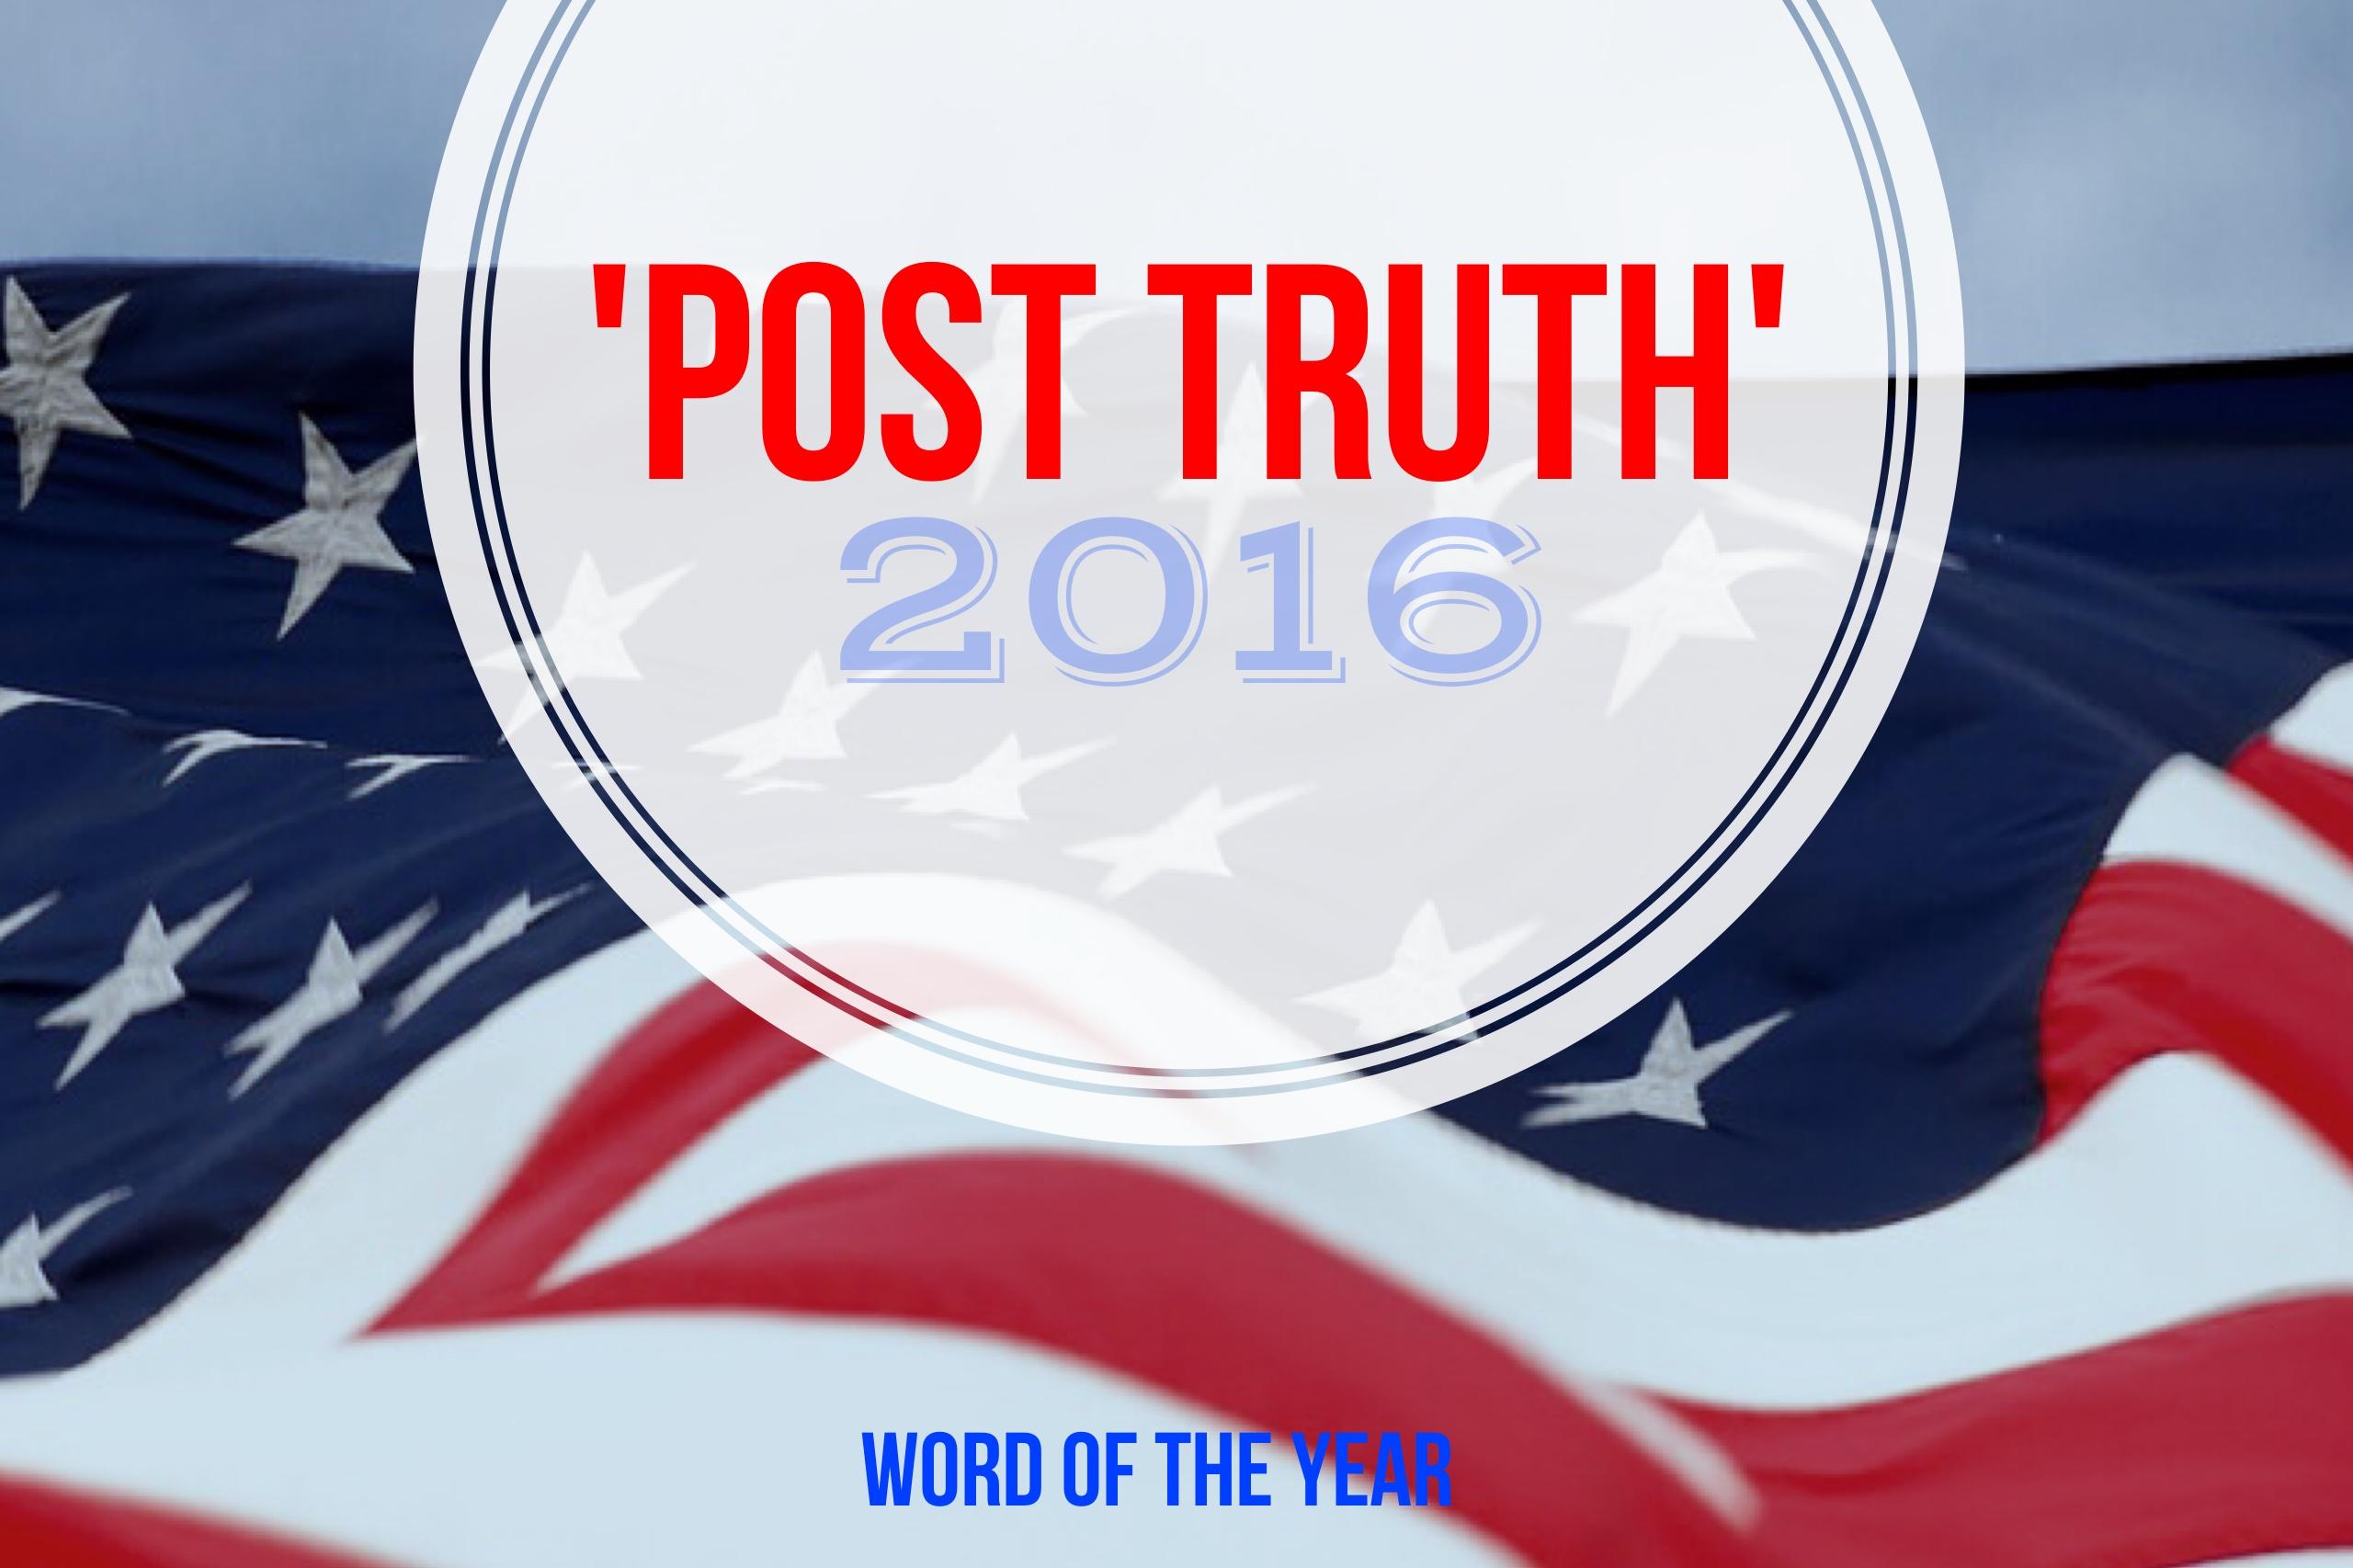 英オックスフォード今年の言葉'Post-truth'-これまでの世界情勢と細分化されていく世界についての雑記